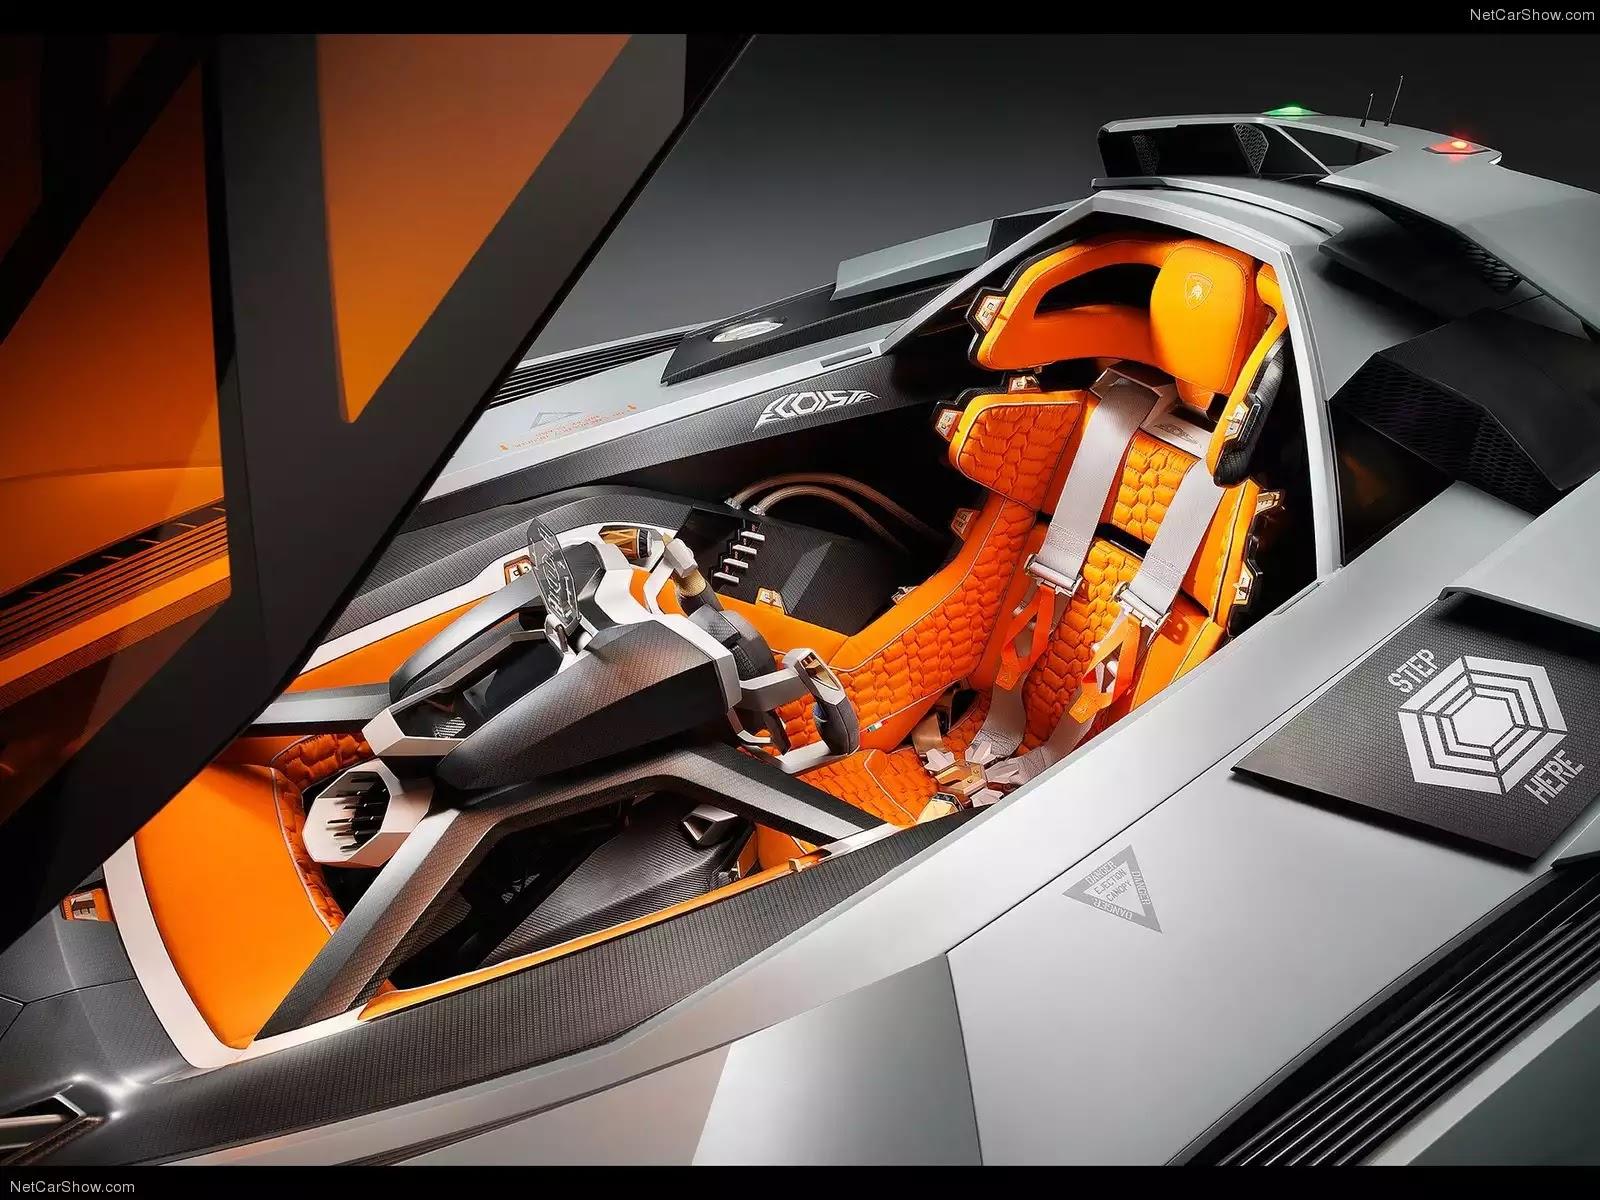 Hình ảnh siêu xe Lamborghini Egoista Concept 2013 & nội ngoại thất